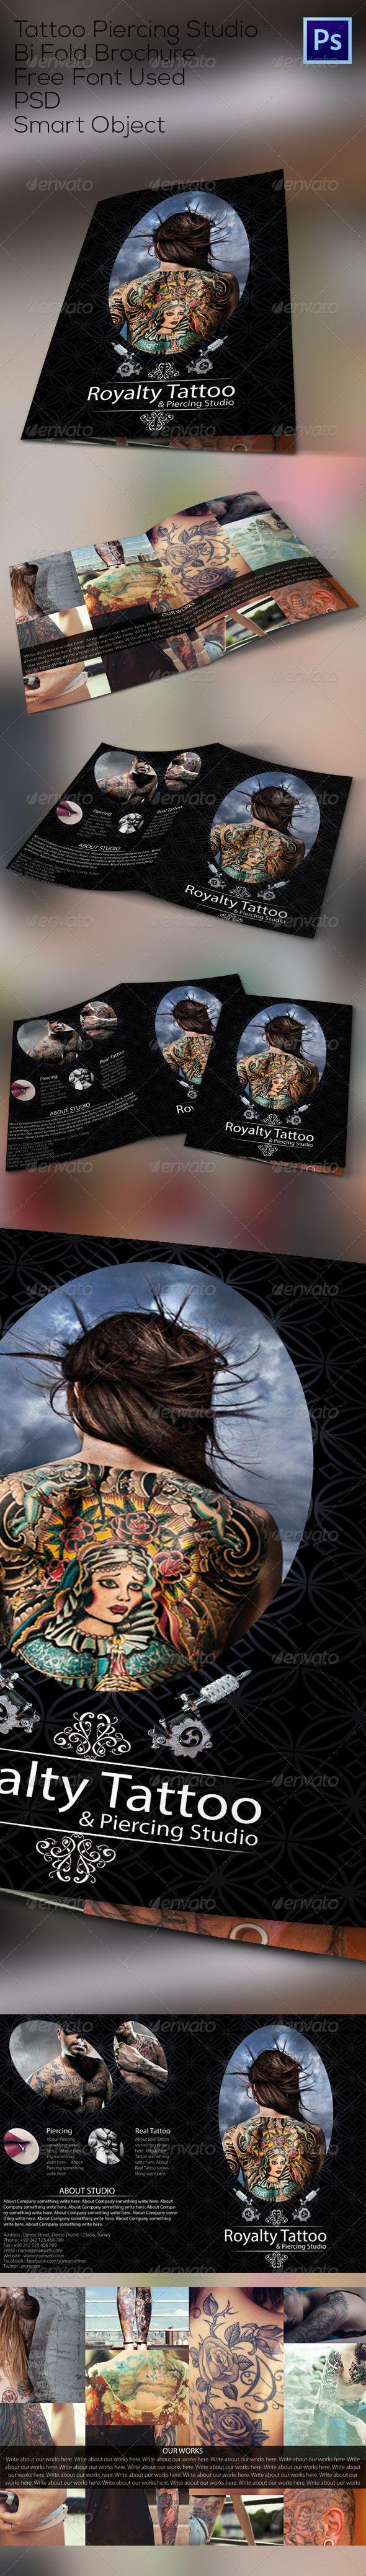 Tattoo Studio Bi Fold Brochure